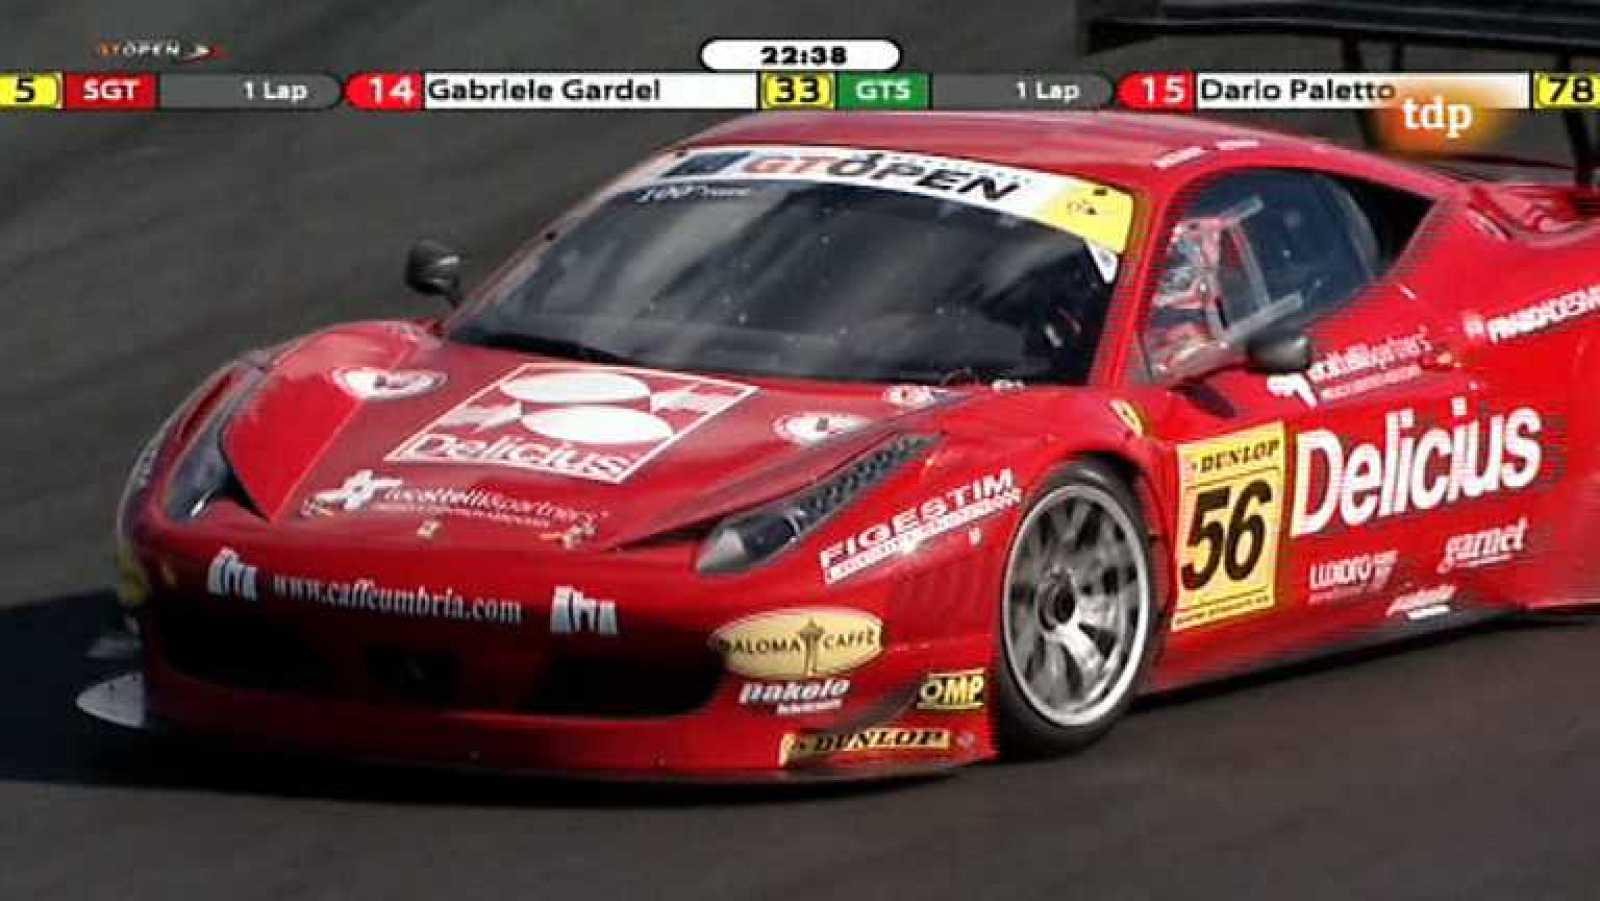 Automovilismo - International GT Open. 1ª carrera - Hungaroring (Hungría) - Ver ahora